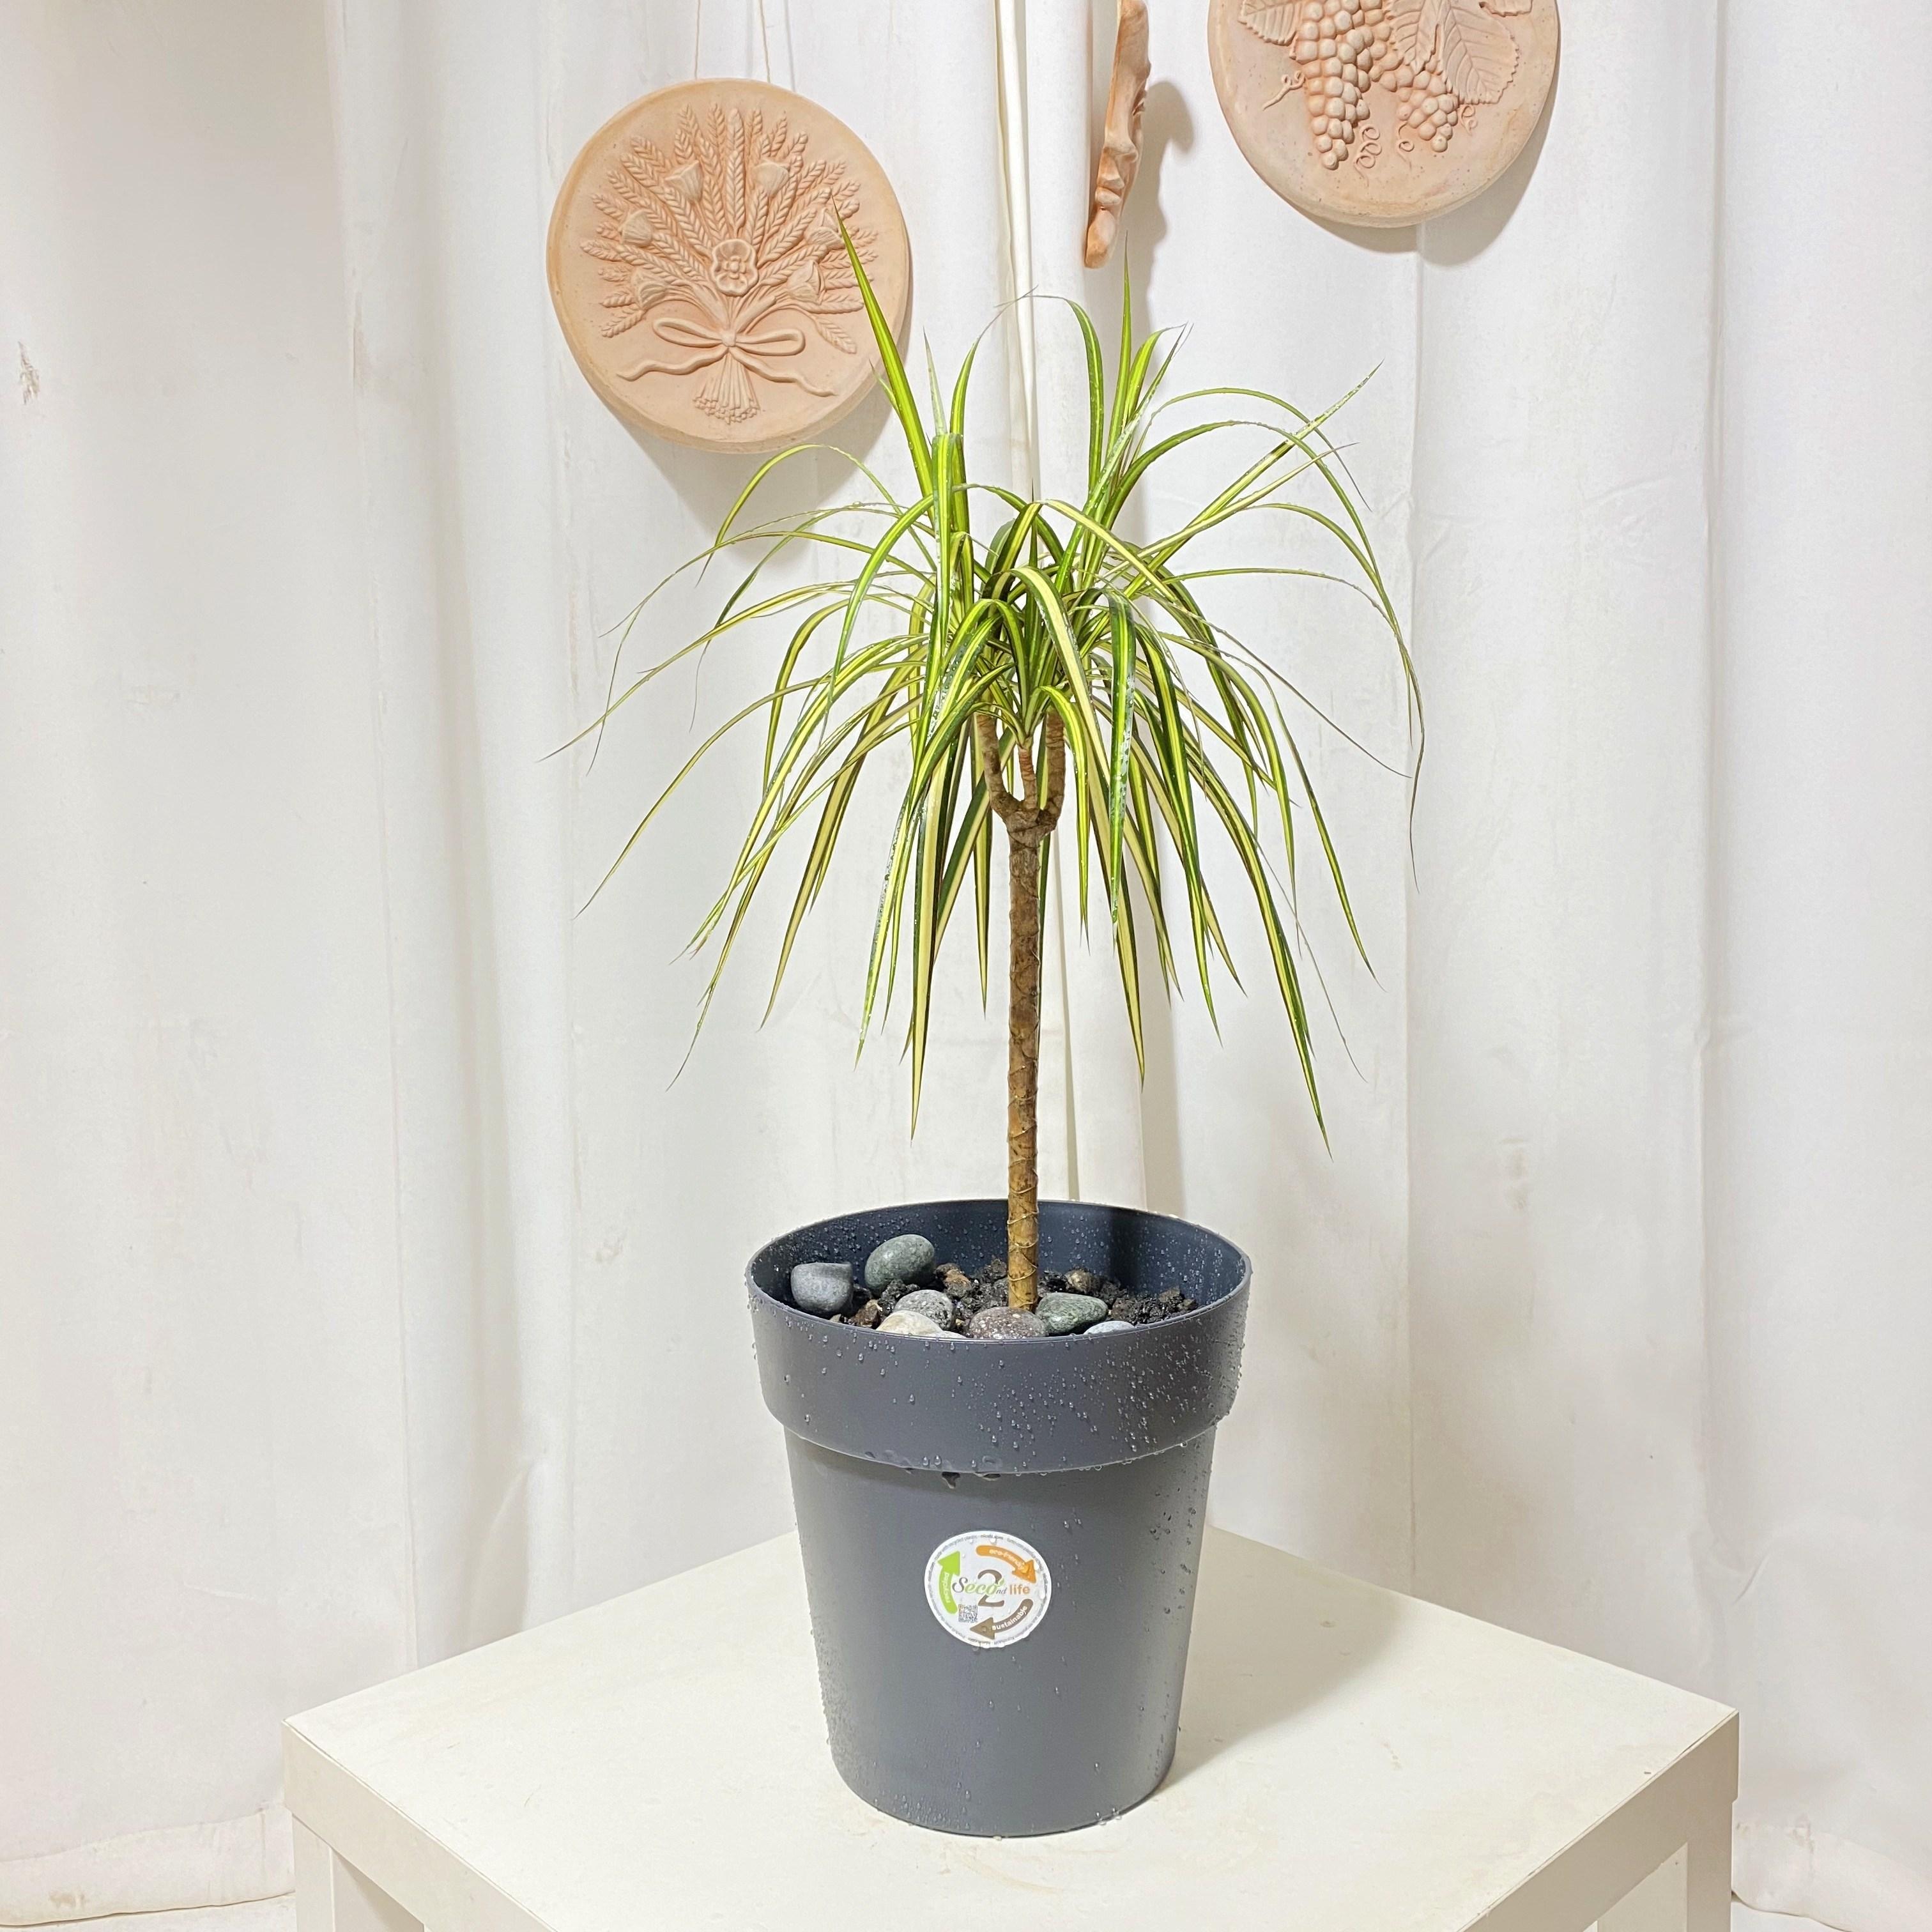 청년농부 드라세나 마지나타 이태리 플라스틱 화분 완제품 식재완료 인테리어식물, 짙은갈색